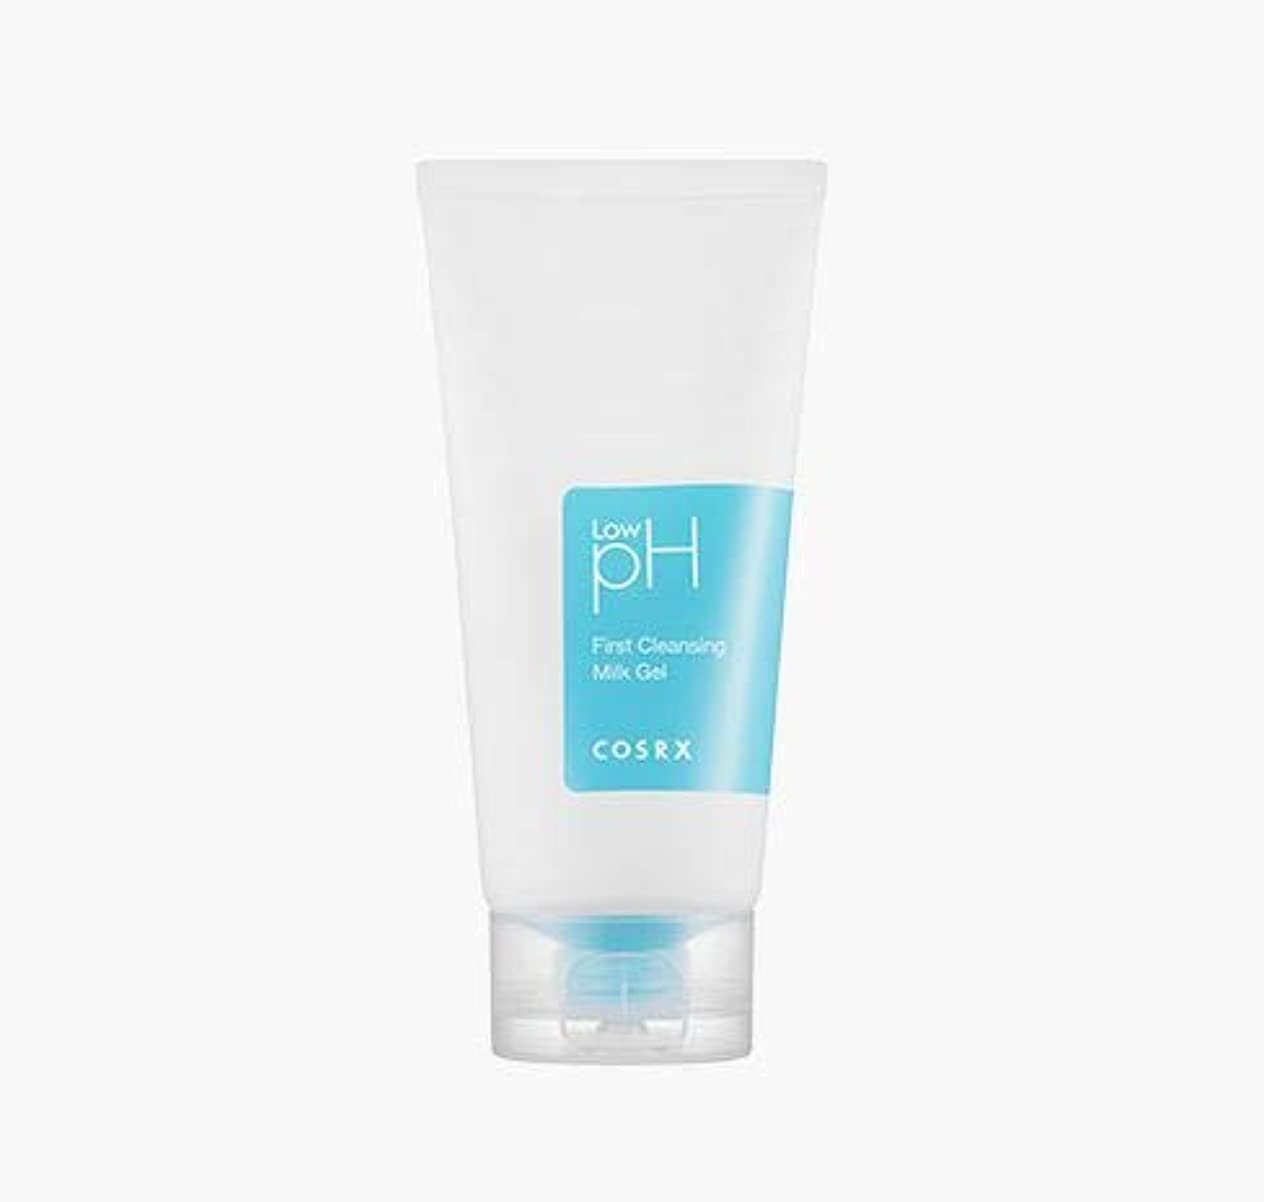 銀鼻光の[COSRX] Low pH First Cleansing Milk Gel 150ml / Low pH ファースト クレンジング ミルク ジェル 150ml [並行輸入品]